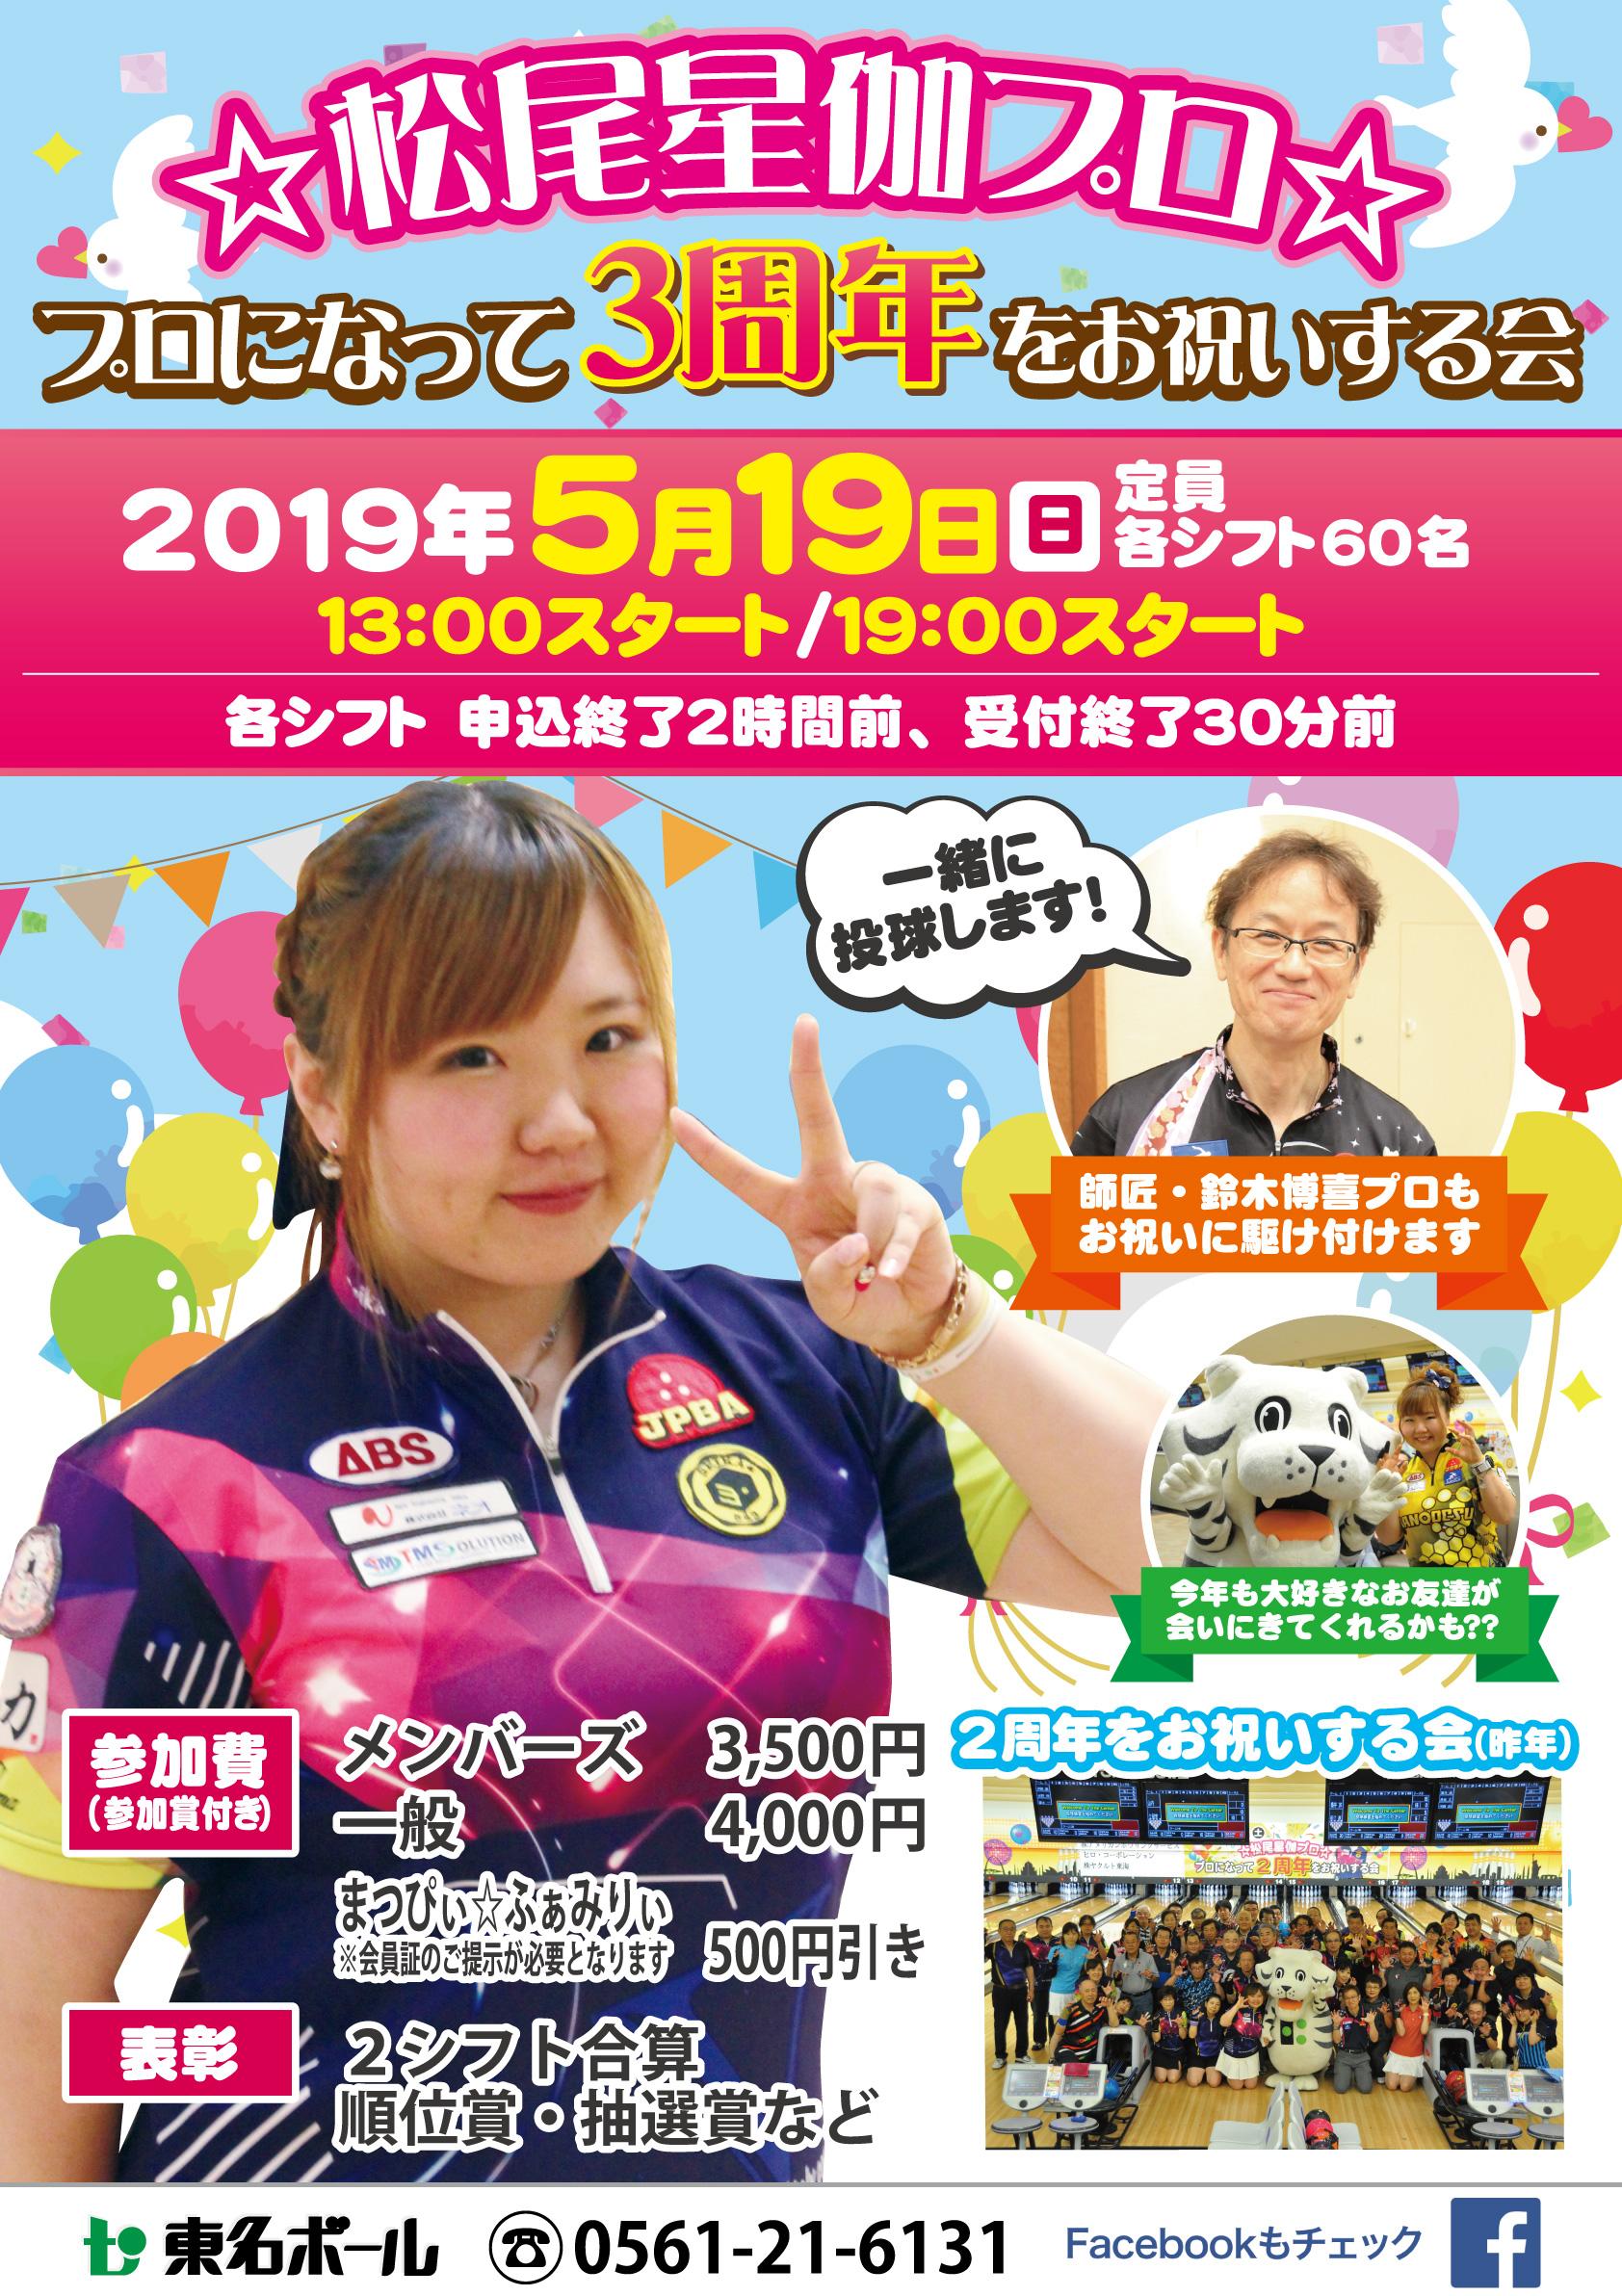 ★5月19日★松尾星伽プロ~プロになって3周年をお祝いする会~